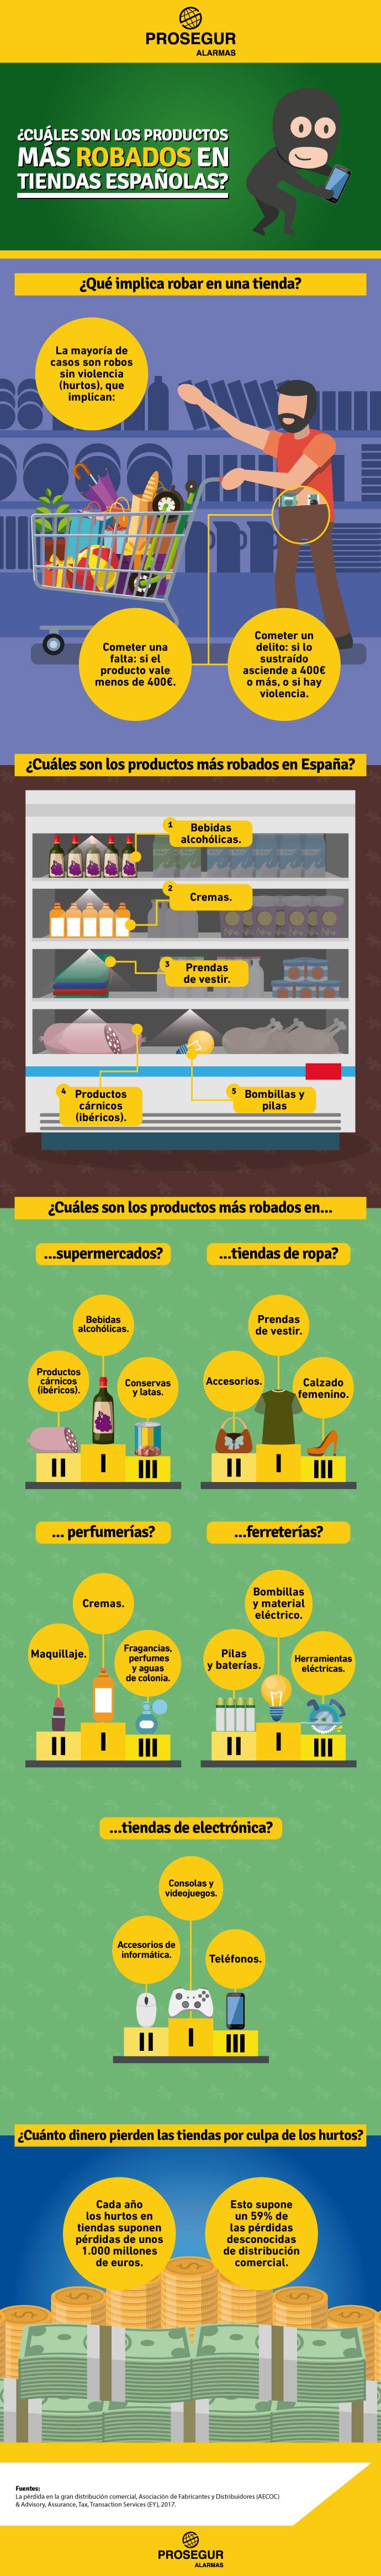 Productos más robados en las tiendas españolas